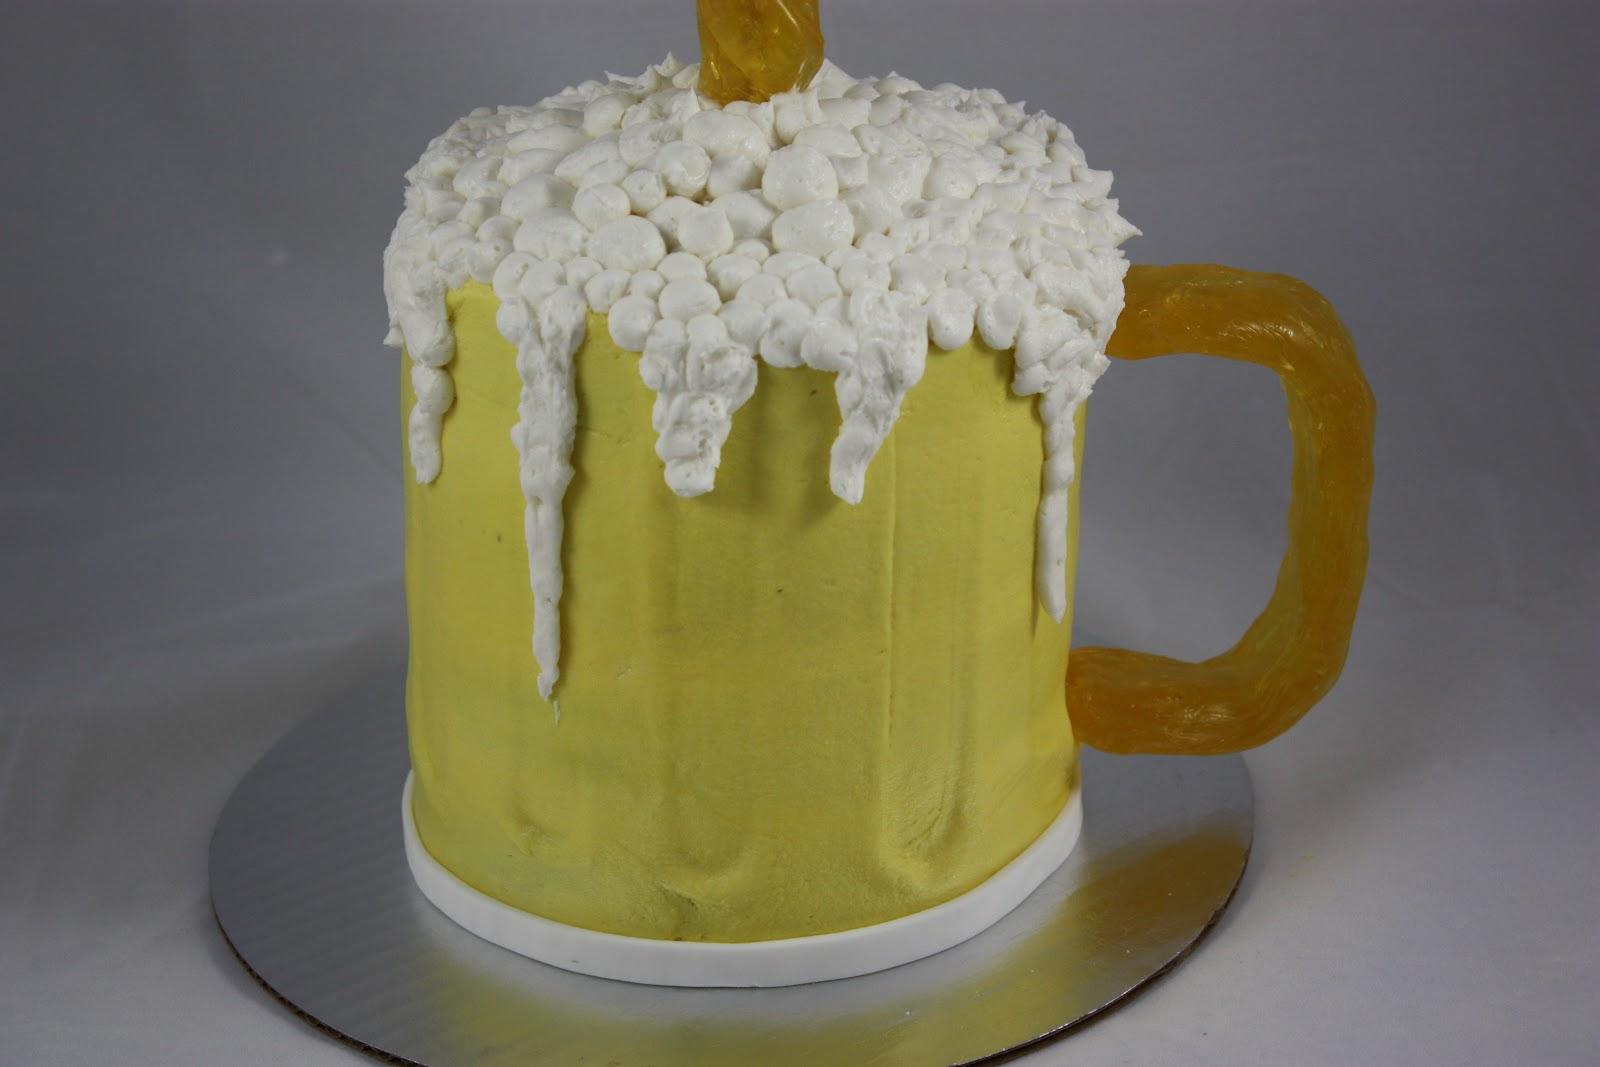 Beer Glass Cake Design : Sweet On You-Designer Cups & Cakes: Beer Mug Cake